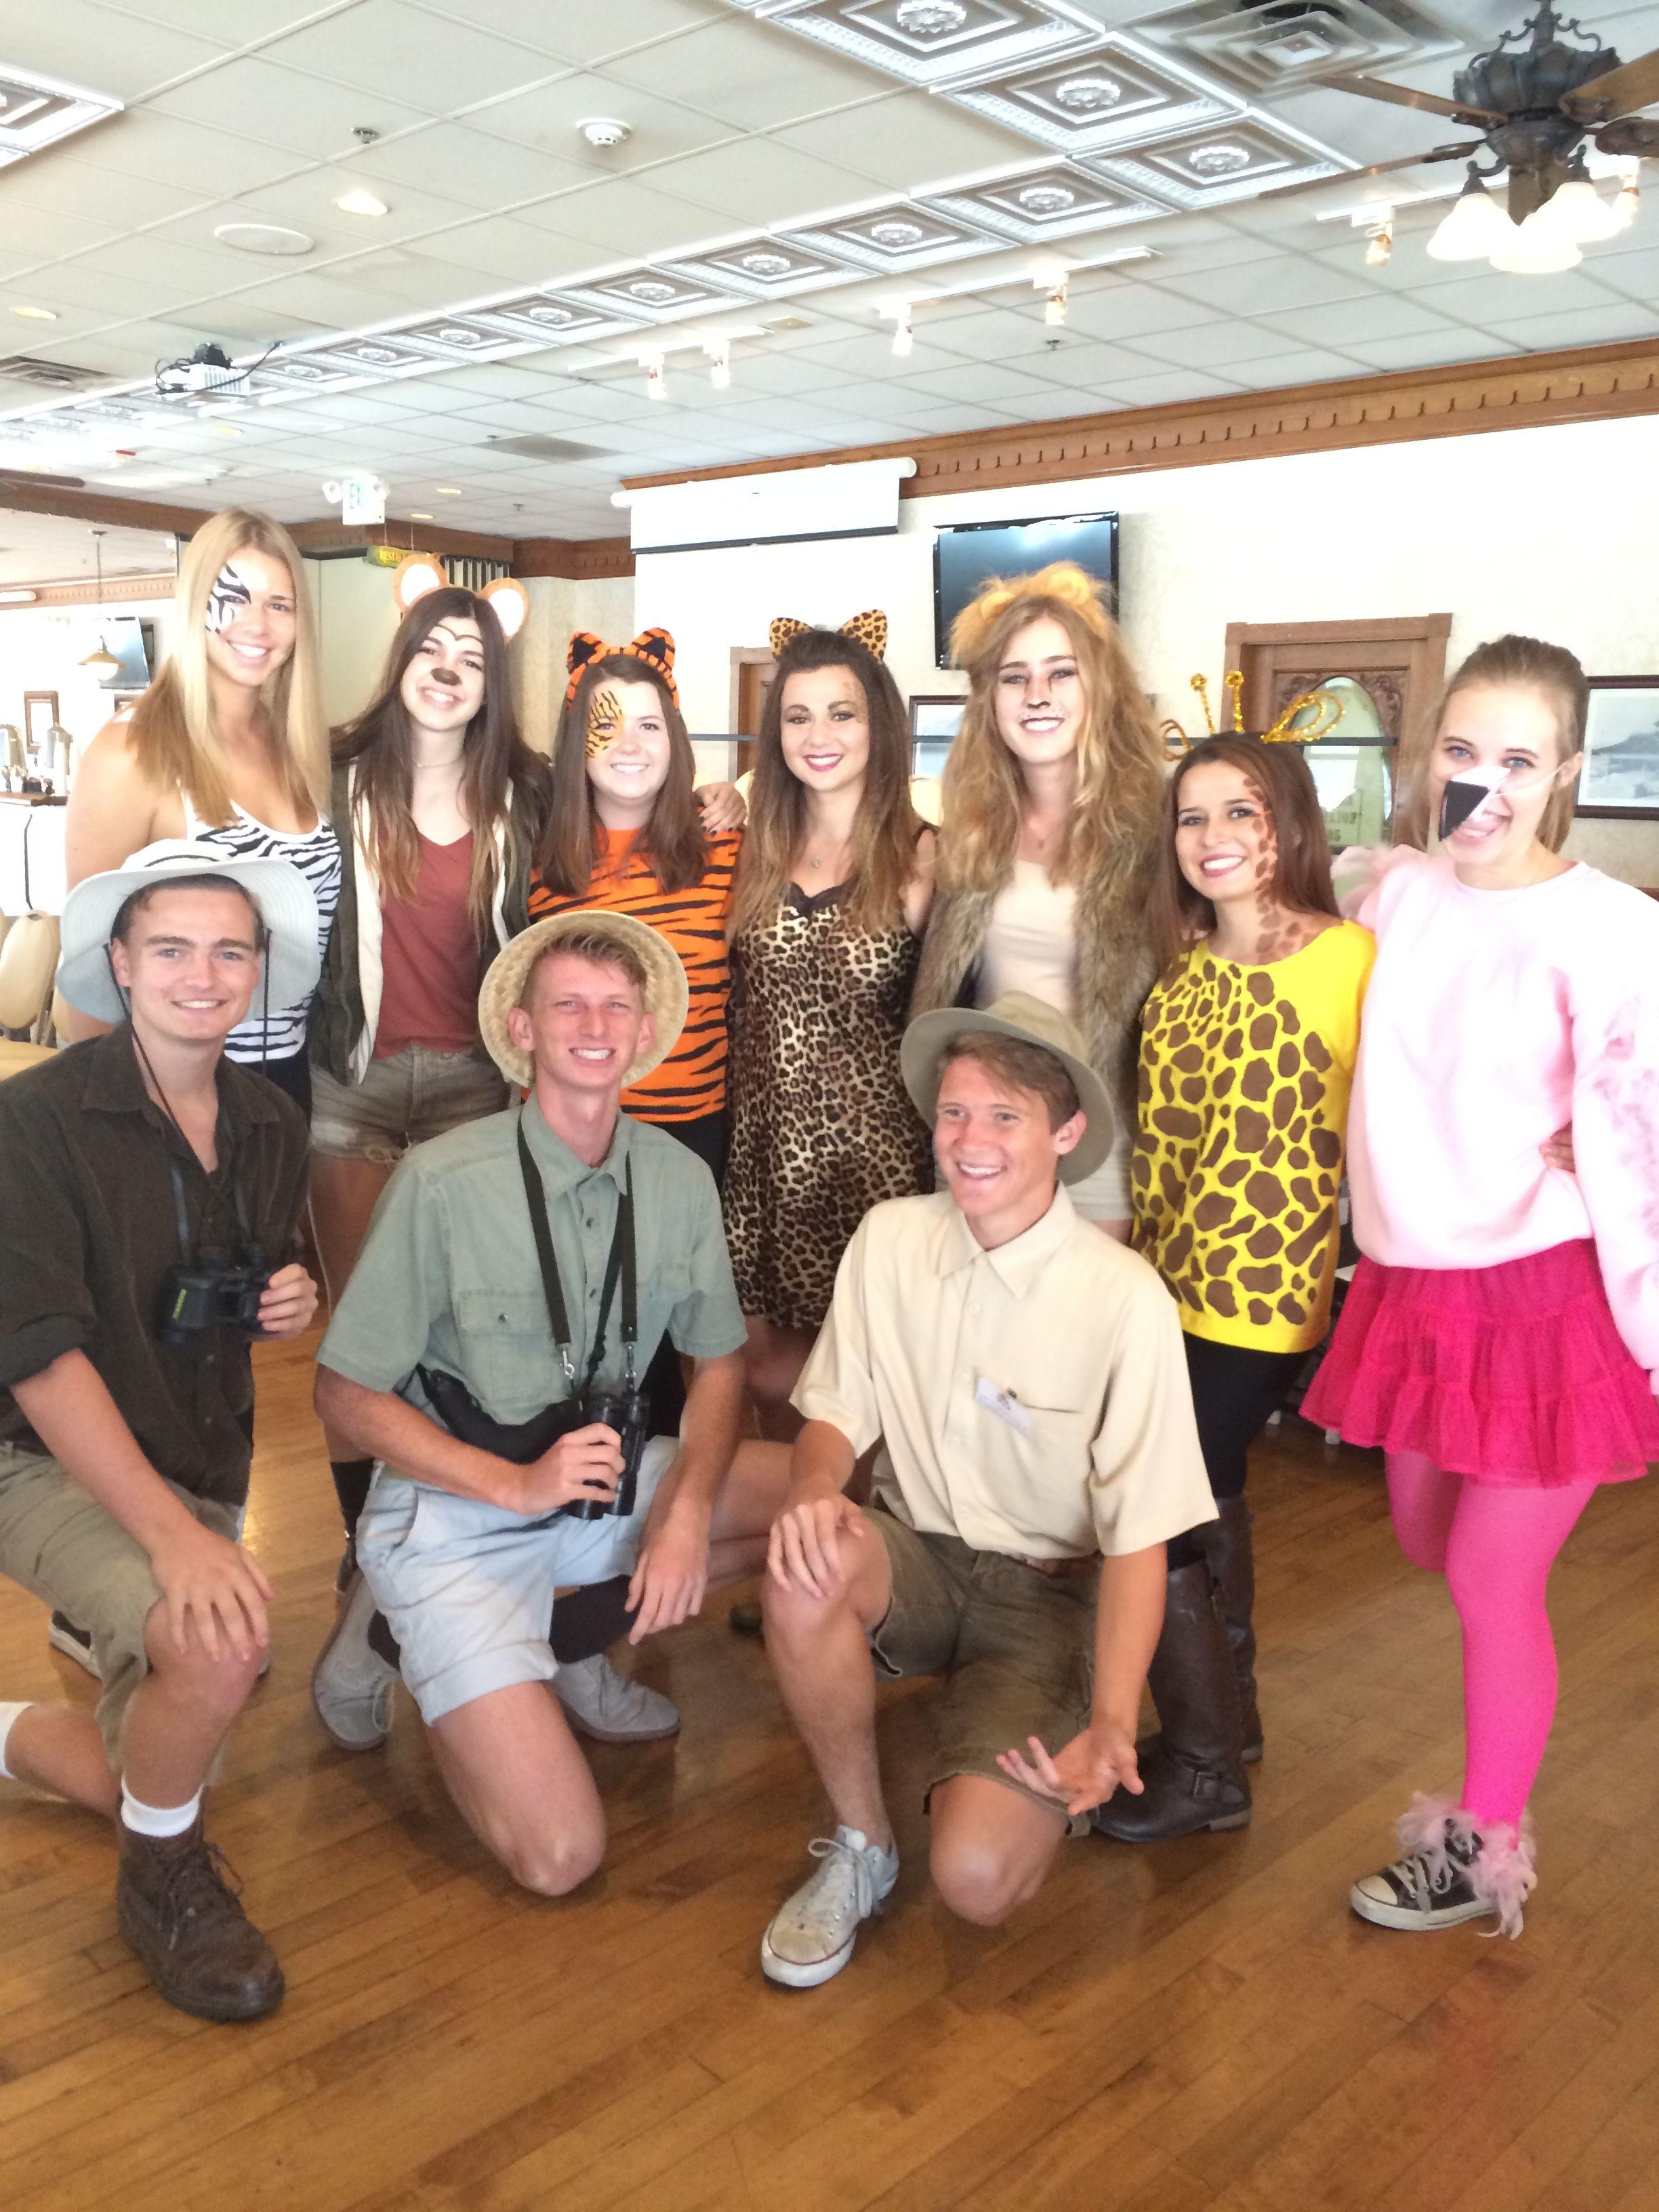 Safari animals group Halloween costume Halloween